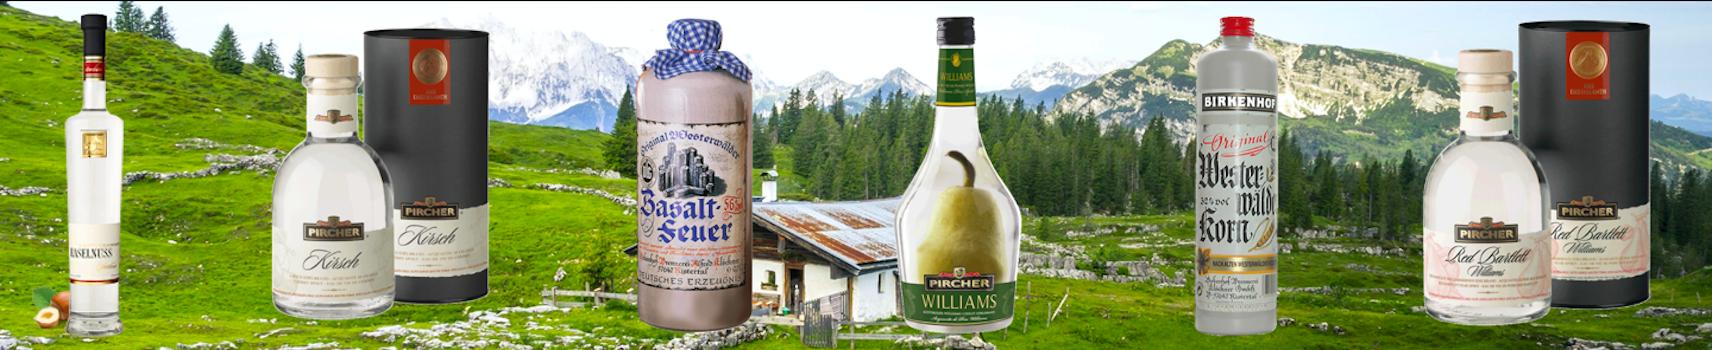 Le Comptoir Allemand| Achat d'eau de vie allemande & schnaps